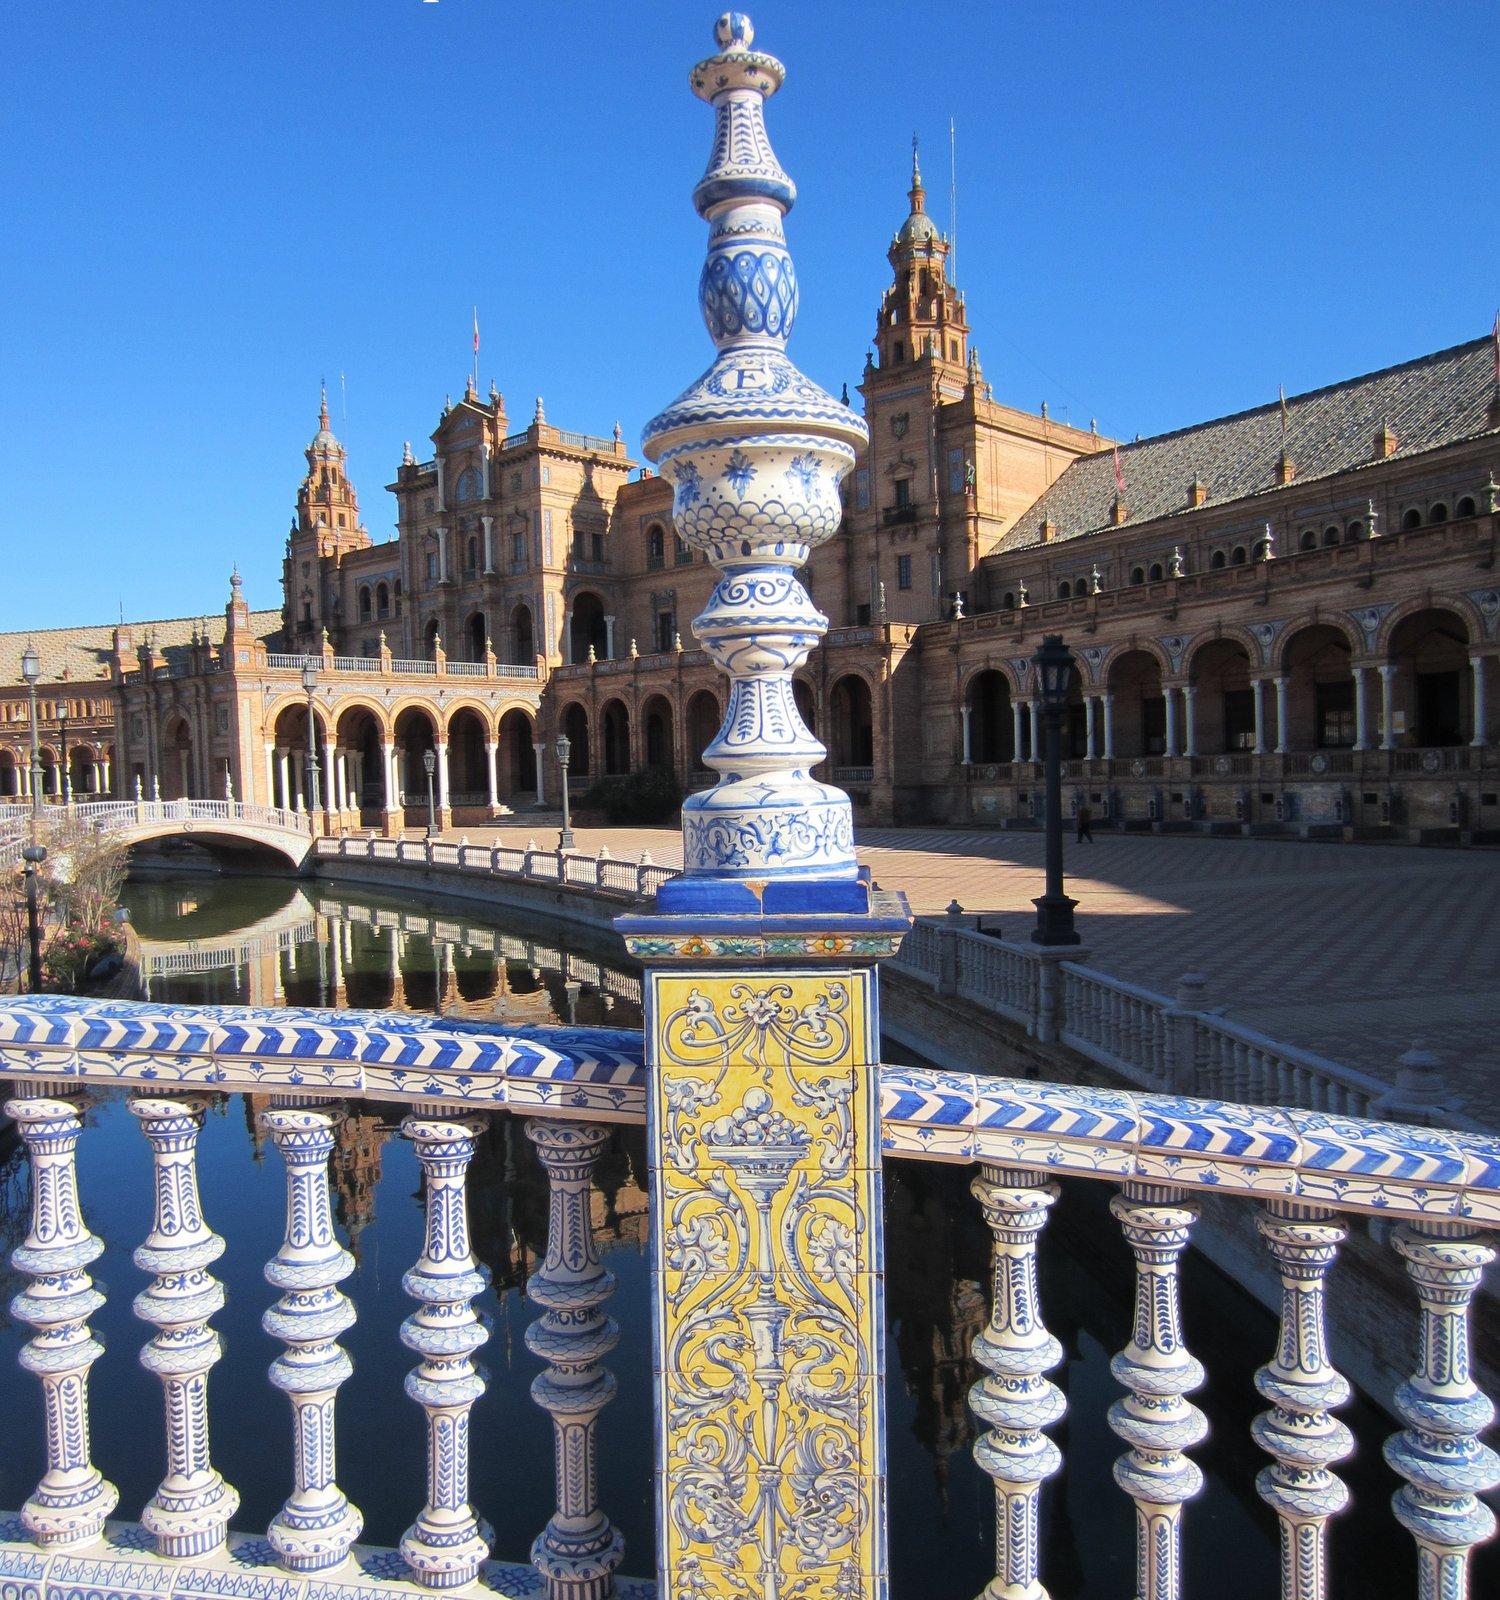 Parque de Maria Luisa - Sevilla - Andalusien